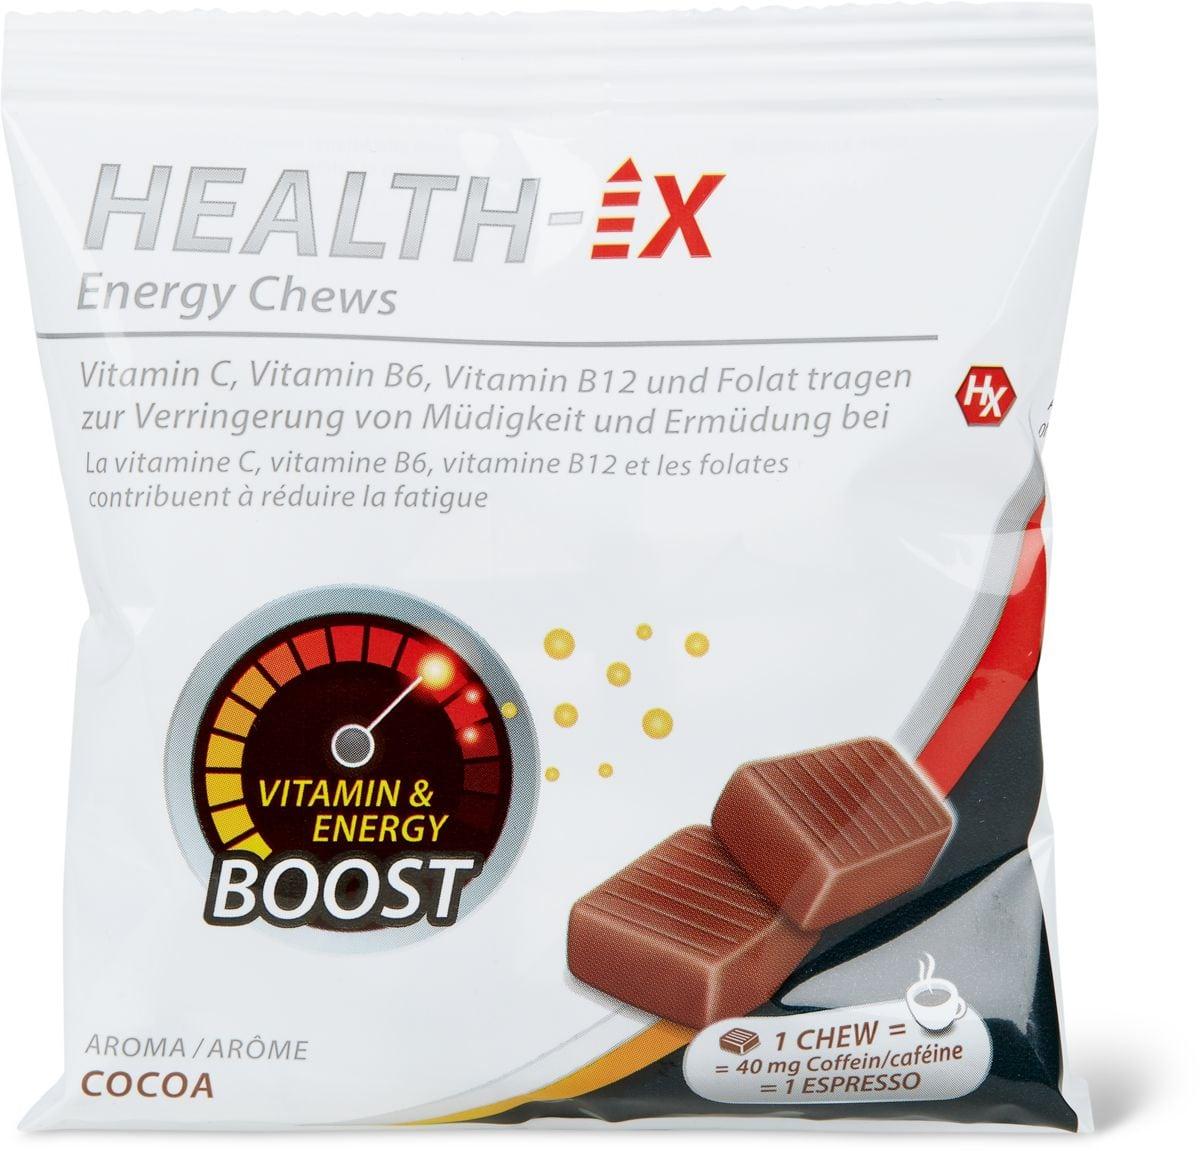 Health-iX Energy Chews